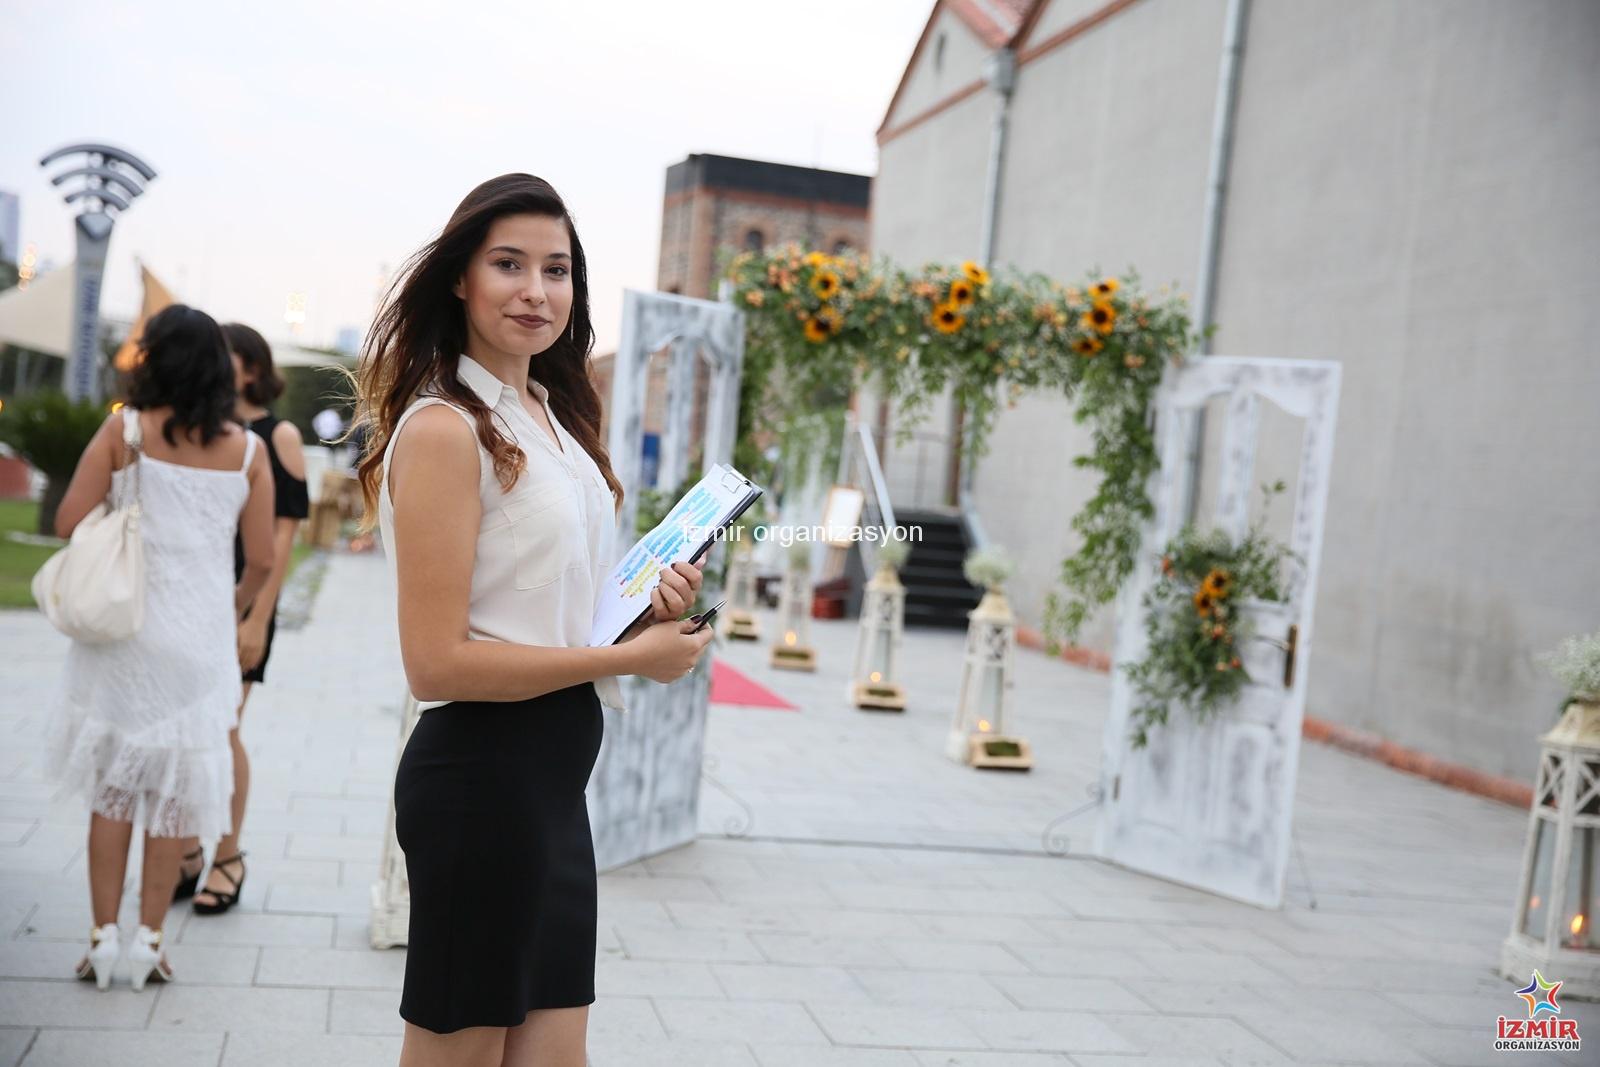 Düğün Organizasyonu Hostes Kiralama İzmir